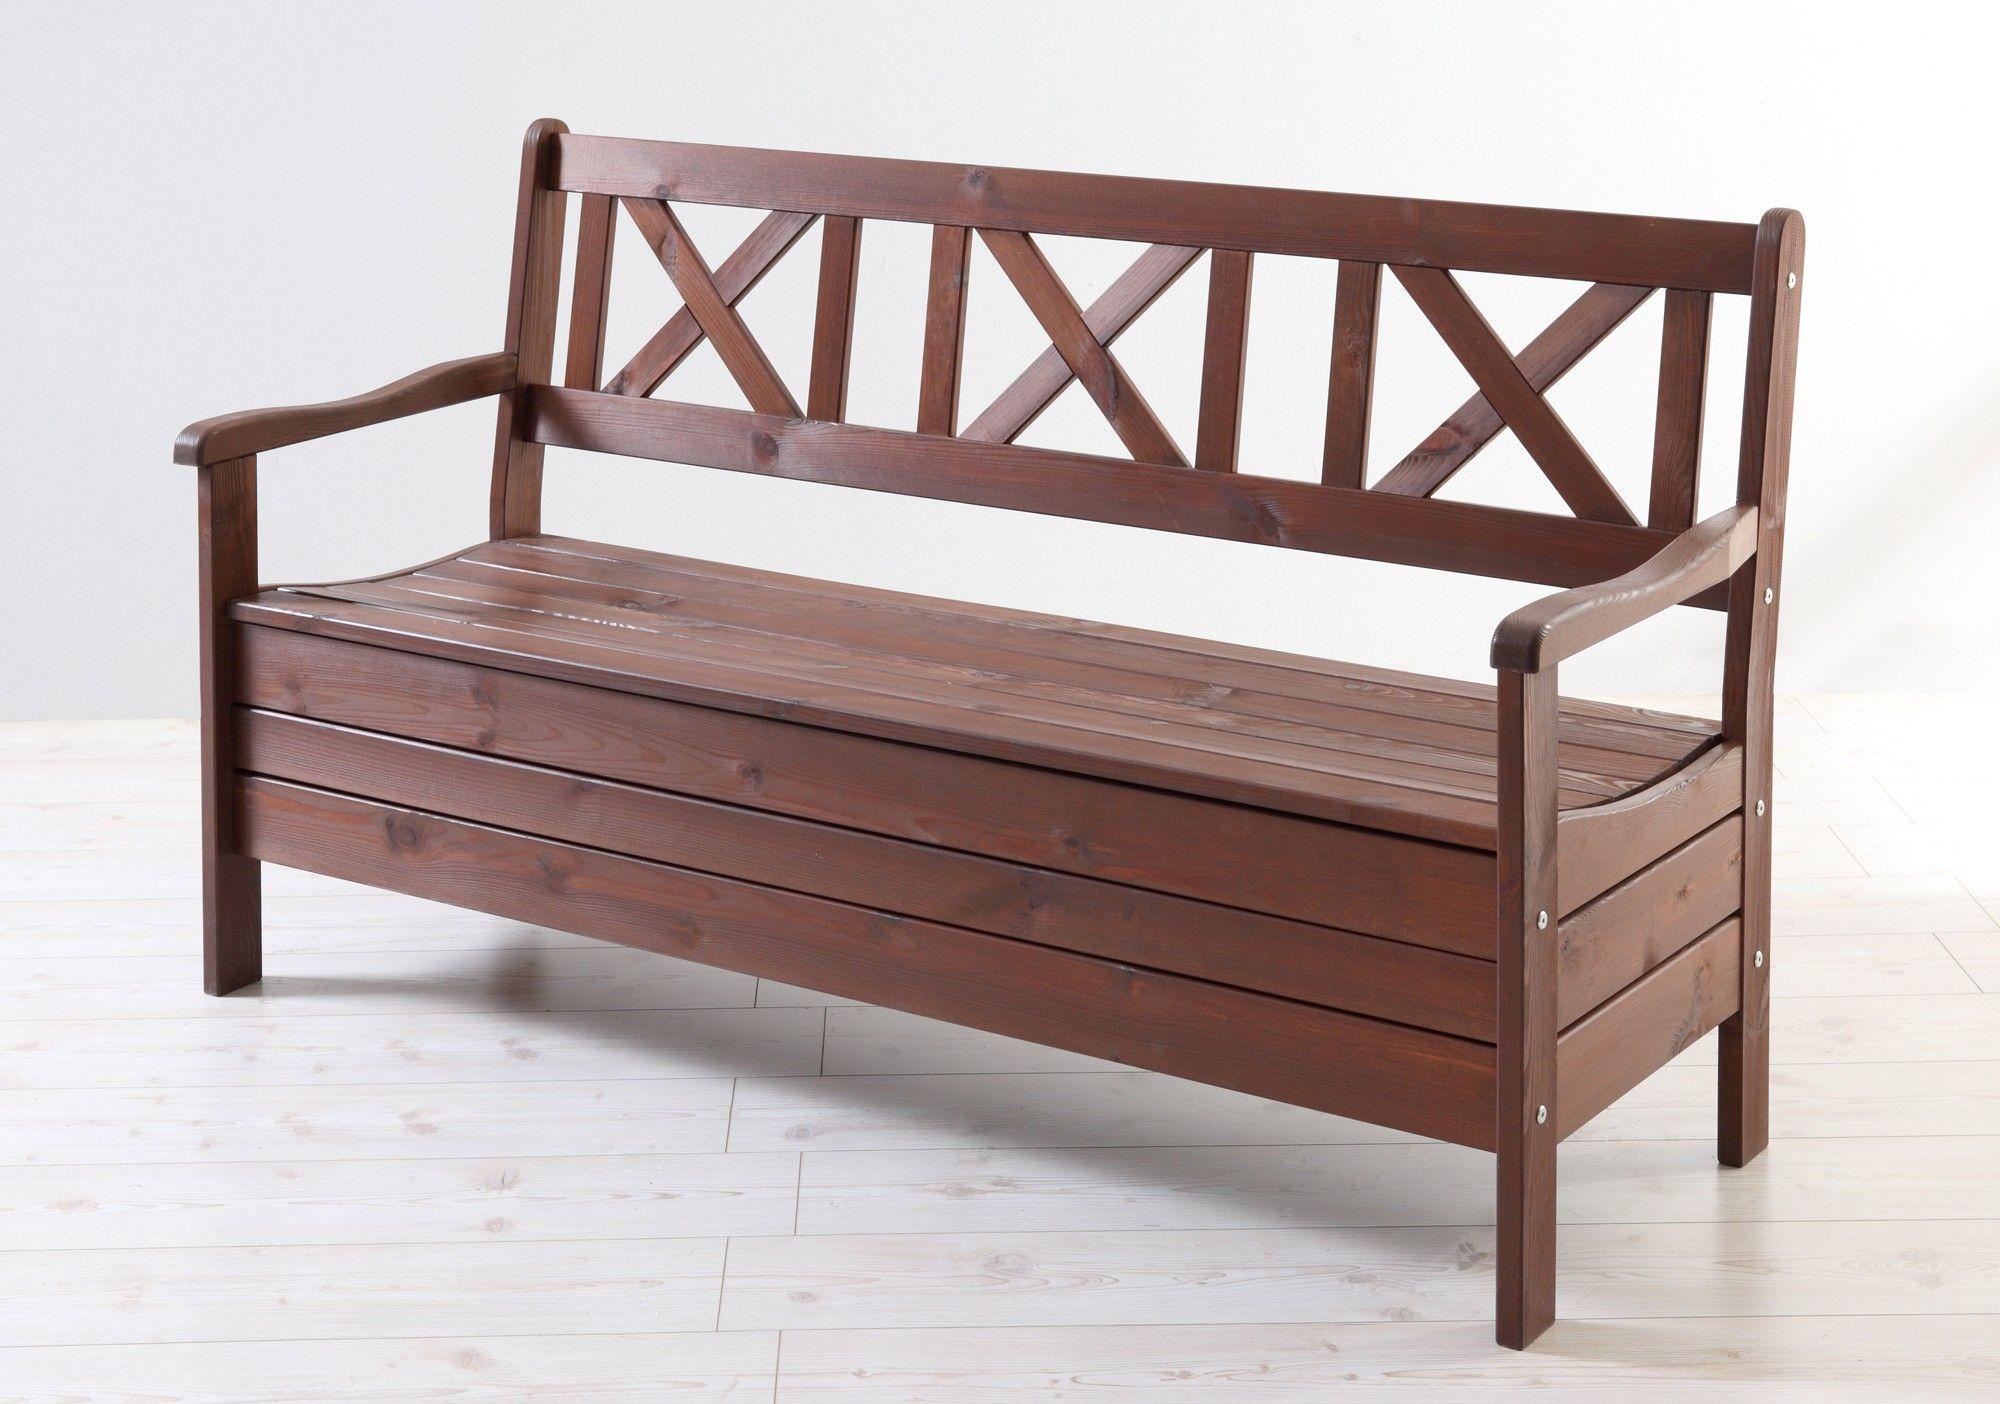 Gartenbank Mit Stauraum Holz 3 Sitzer Massiv Braun Terrassenmöbel